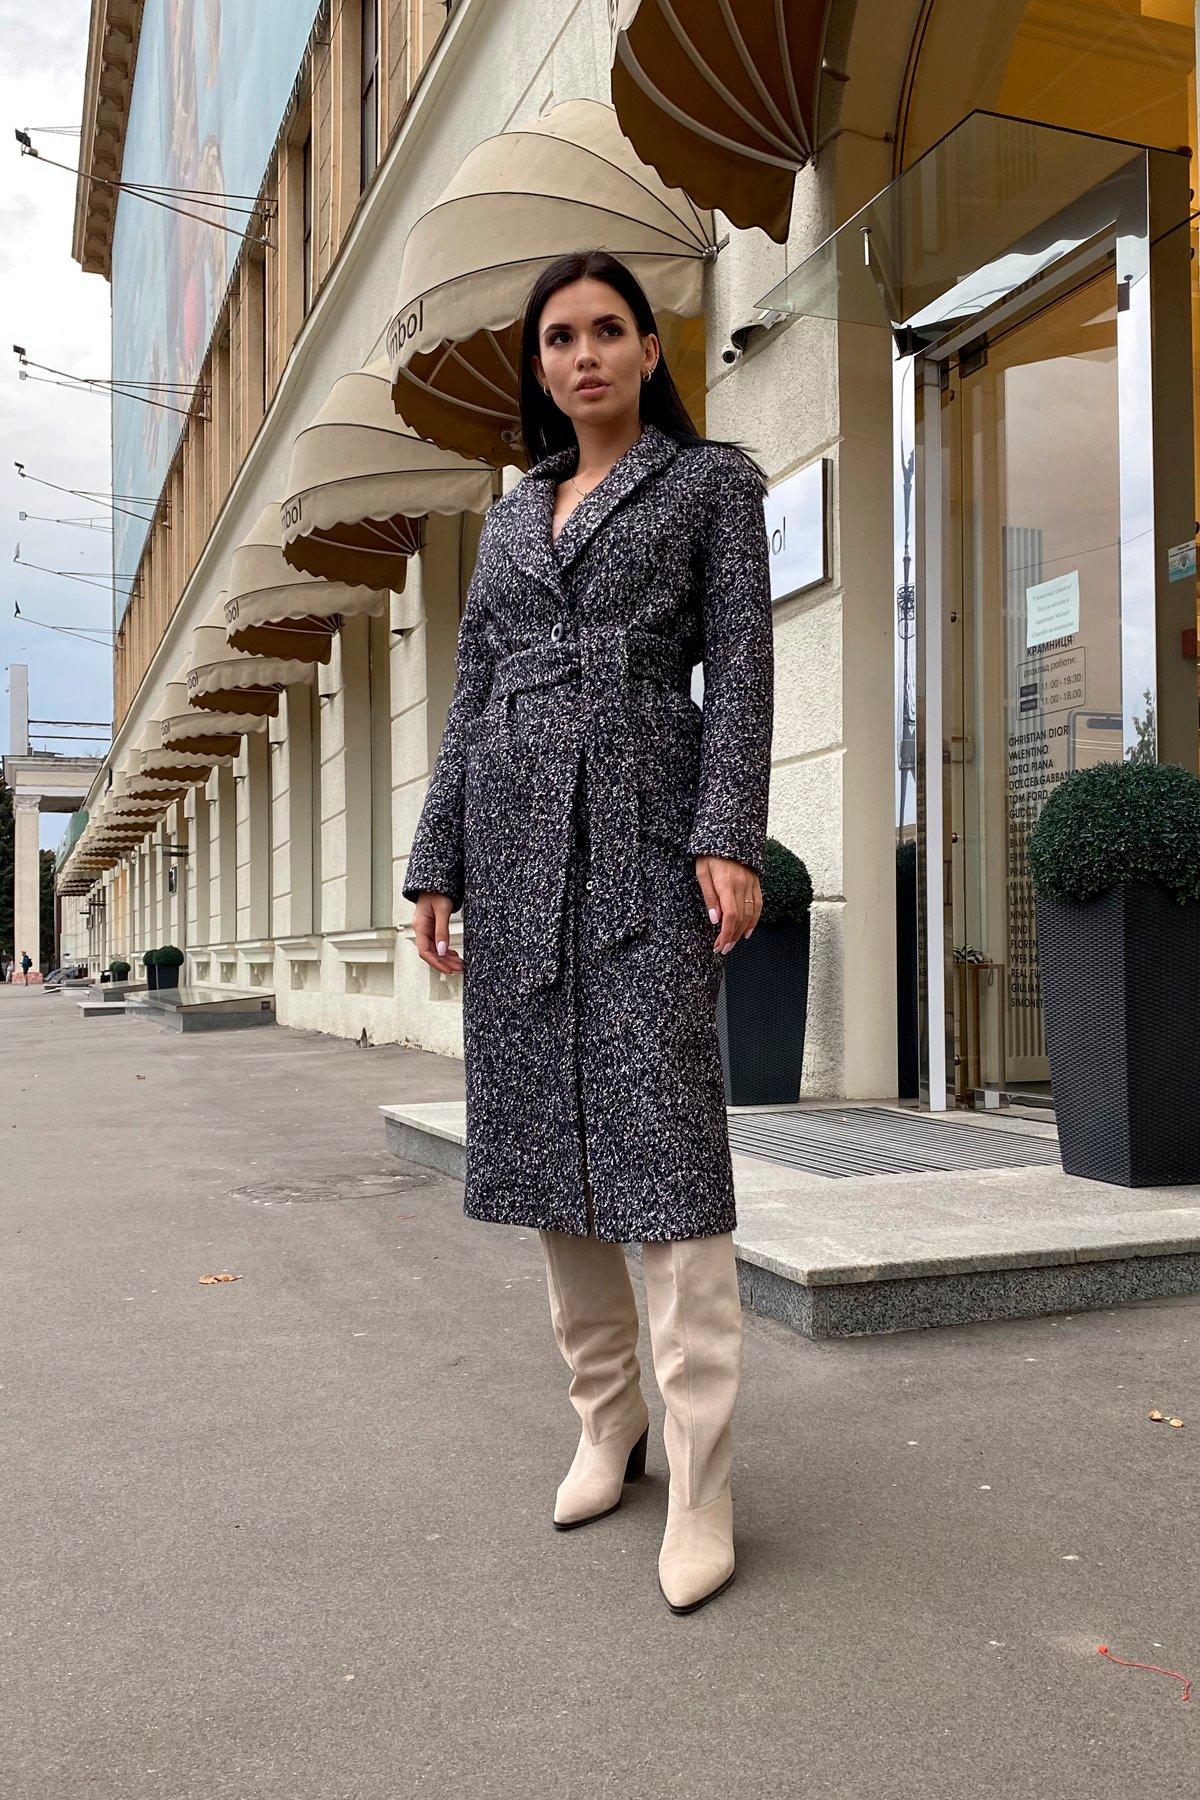 Теплое зимнее пальто буклированная шерсть Вива макси 8349 АРТ. 44517 Цвет: Черный/серый 61 - фото 13, интернет магазин tm-modus.ru